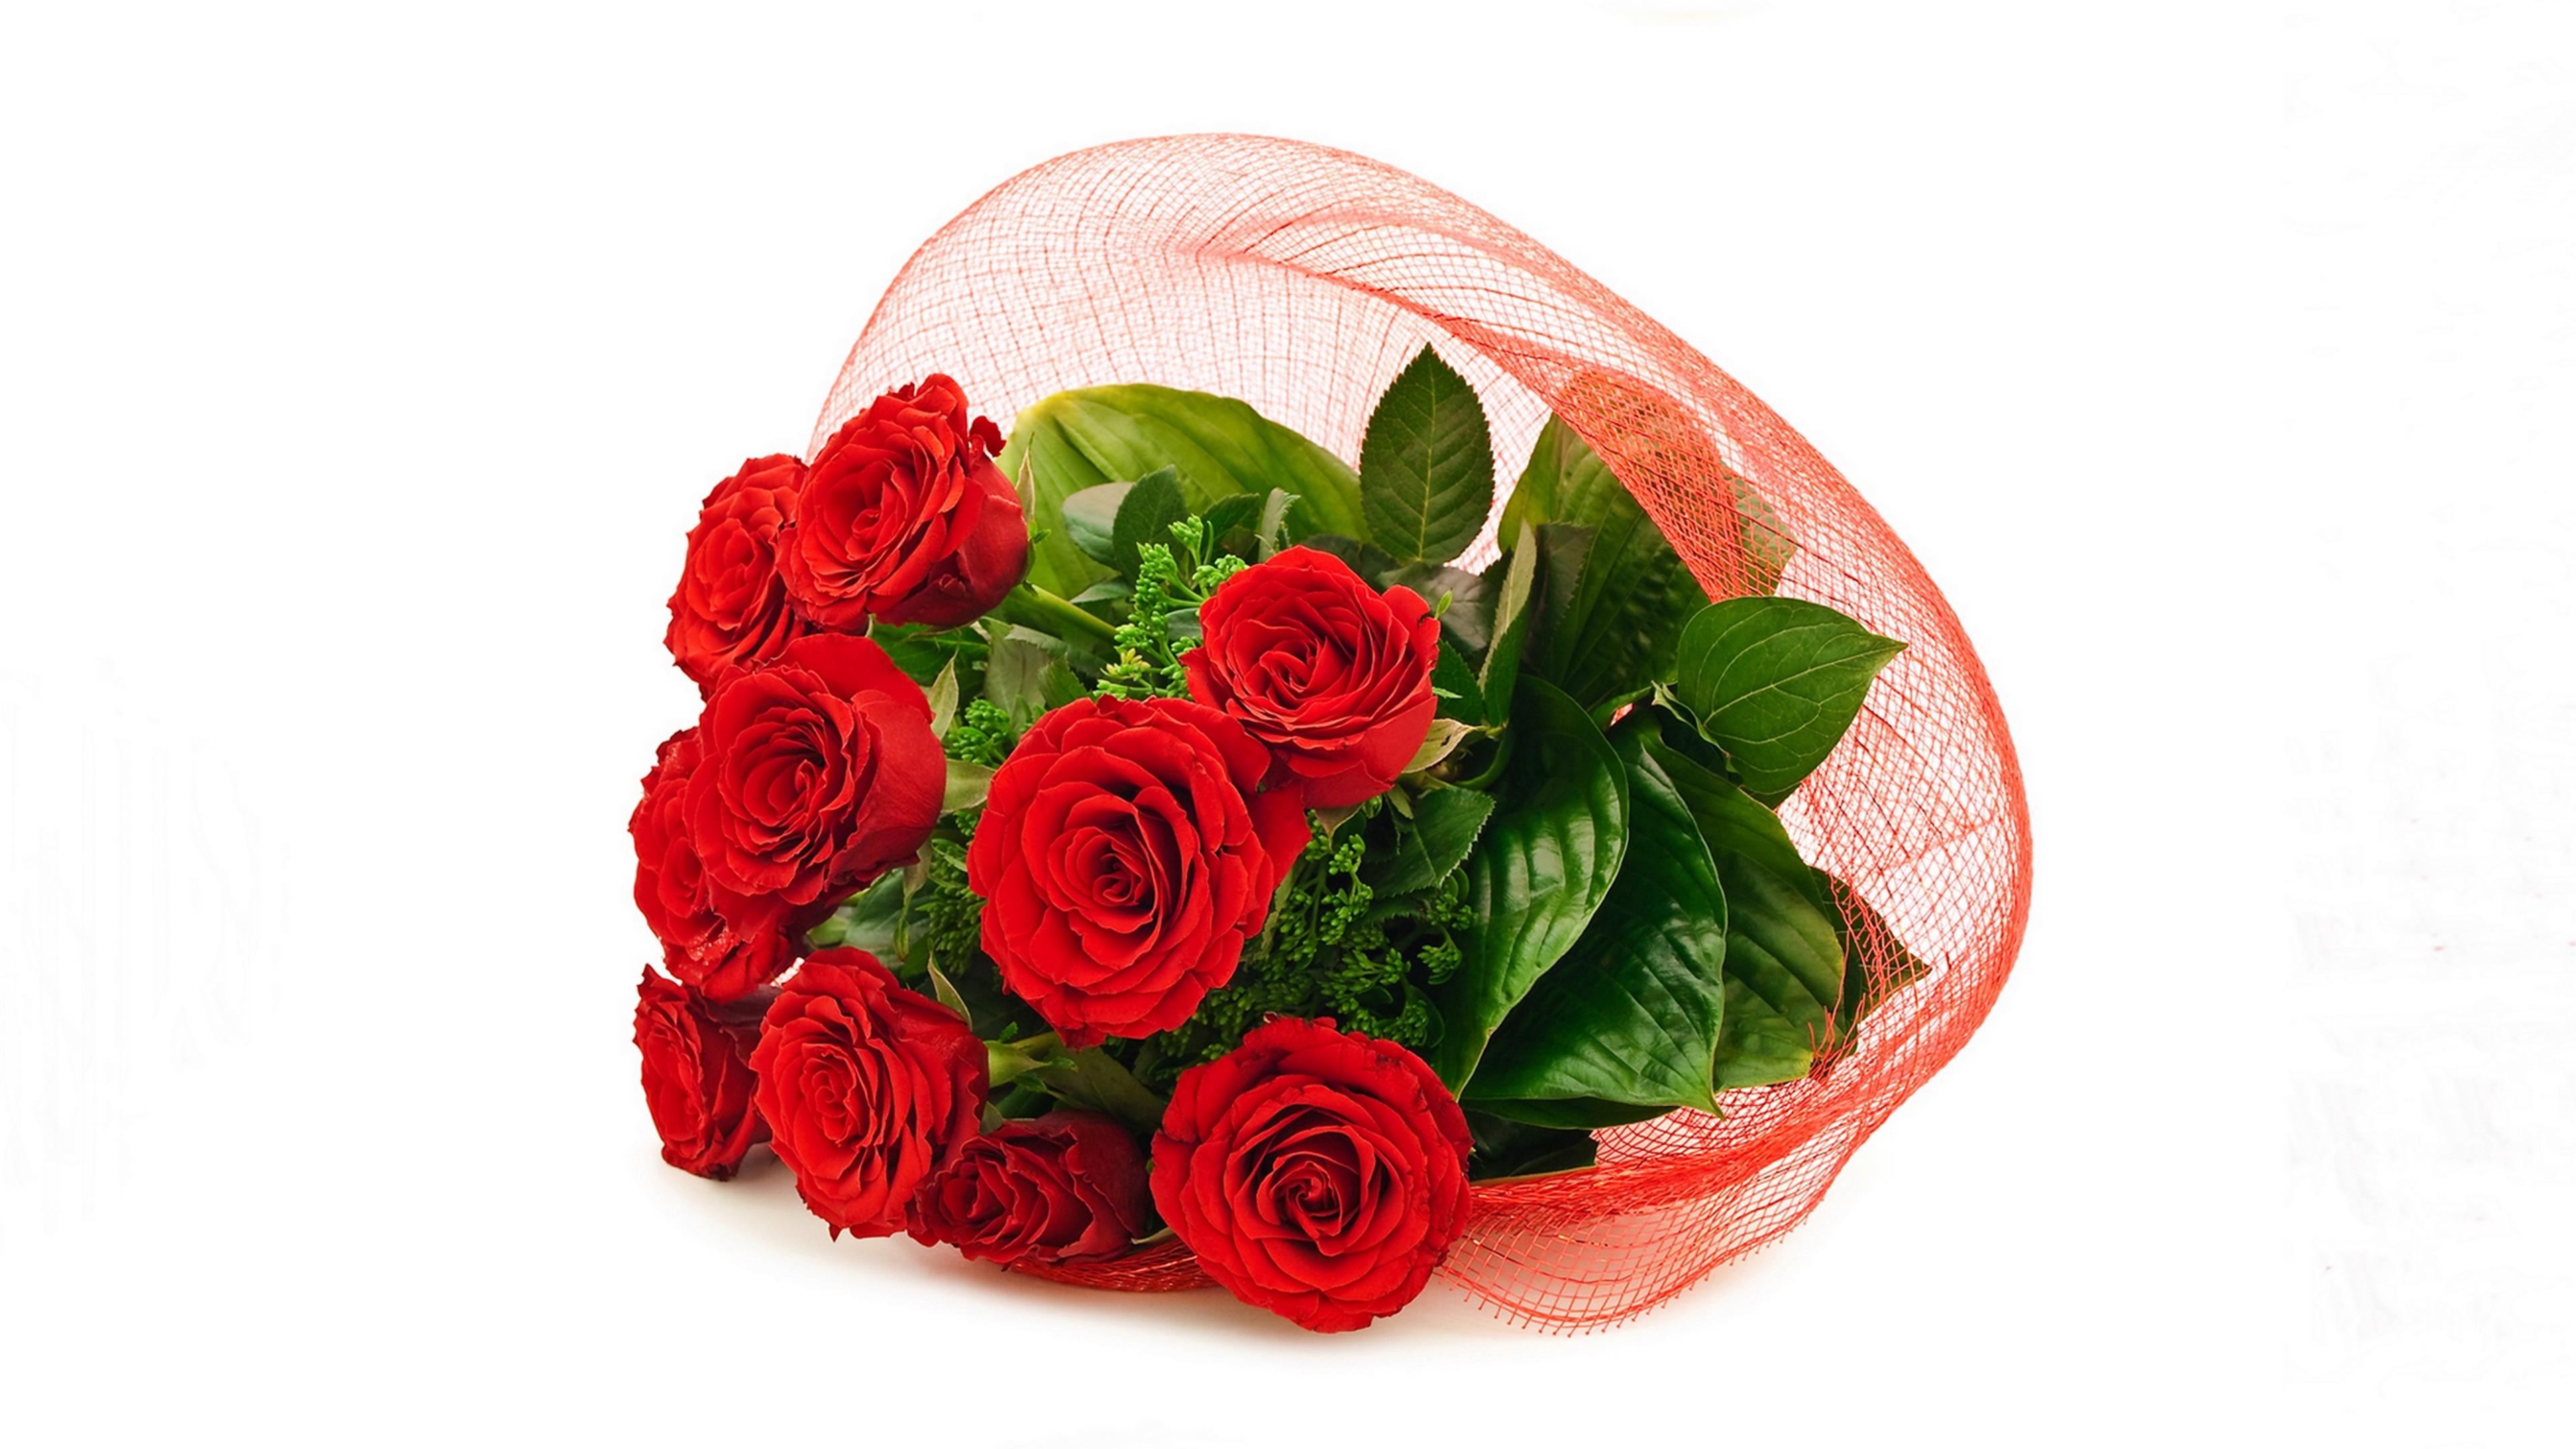 bouquet roses flowers beautiful 4k 1540064882 - bouquet, roses, flowers, beautiful 4k - Roses, Flowers, Bouquet